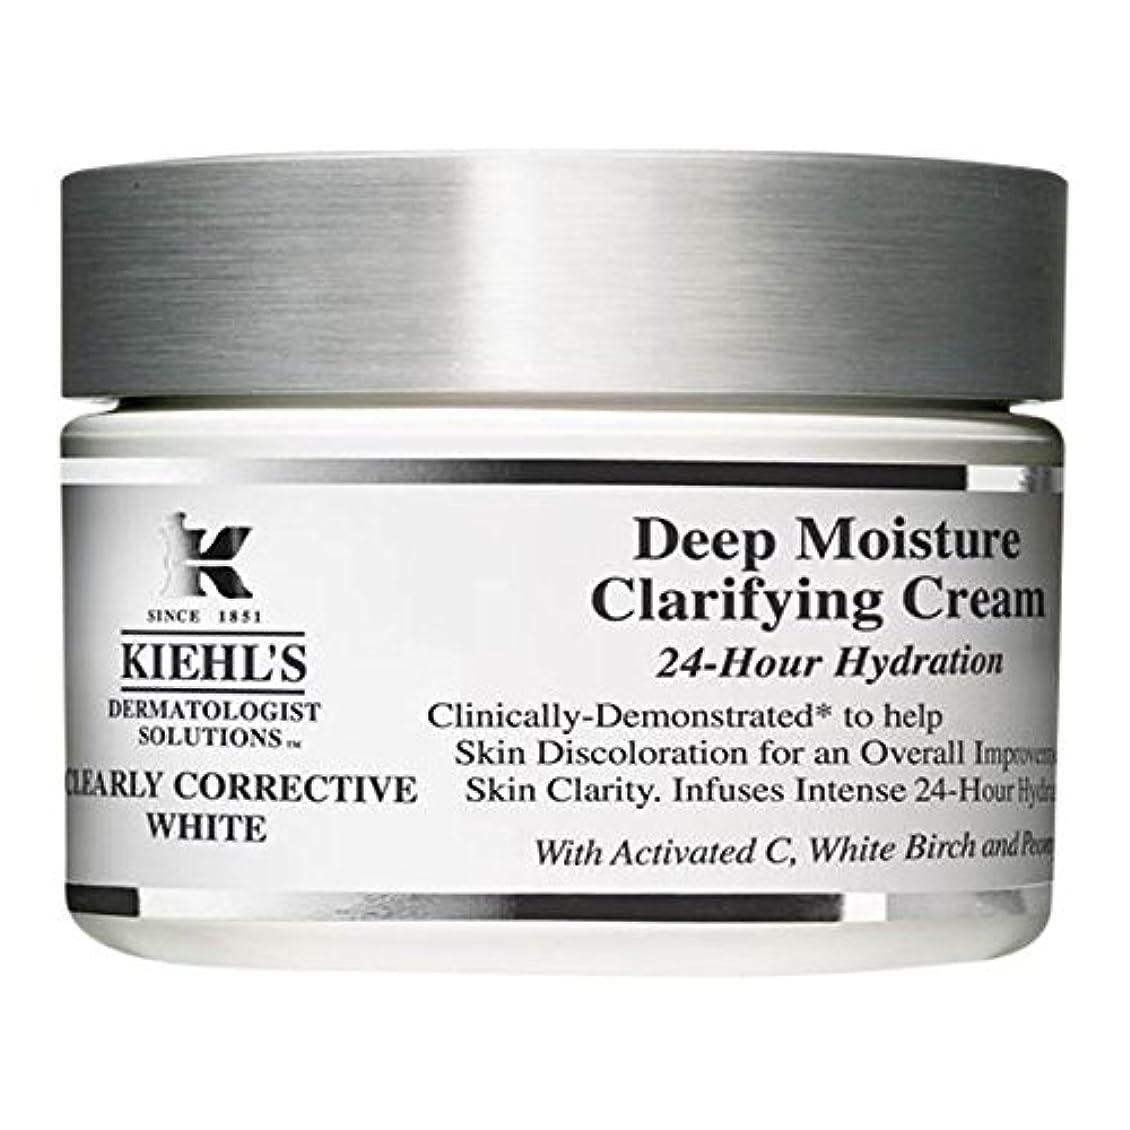 びっくりバイパス宣言する[Kiehl's] キールズ明確に是正白深い水分清澄クリーム - Kiehl's Clearly Corrective White Deep Moisture Clarifying Cream [並行輸入品]